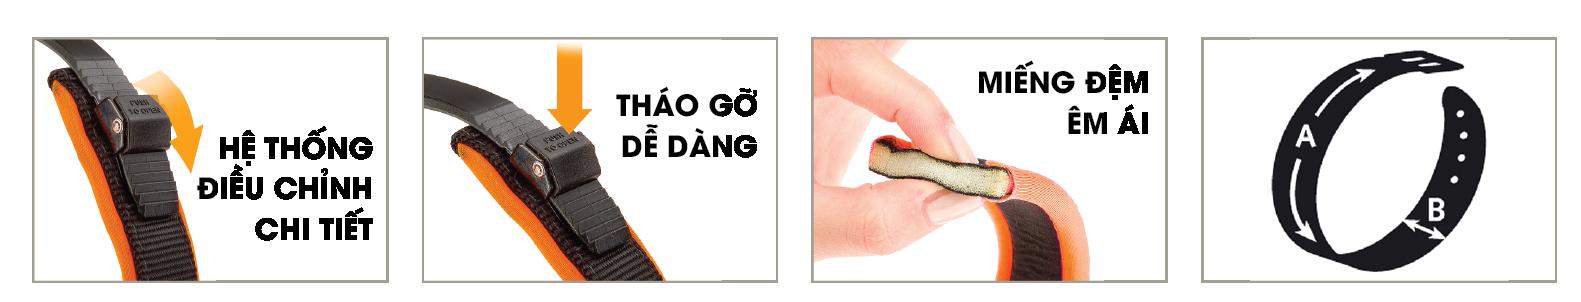 Ferplast Ergofluo - Vòng cổ 1.5cm (cam)